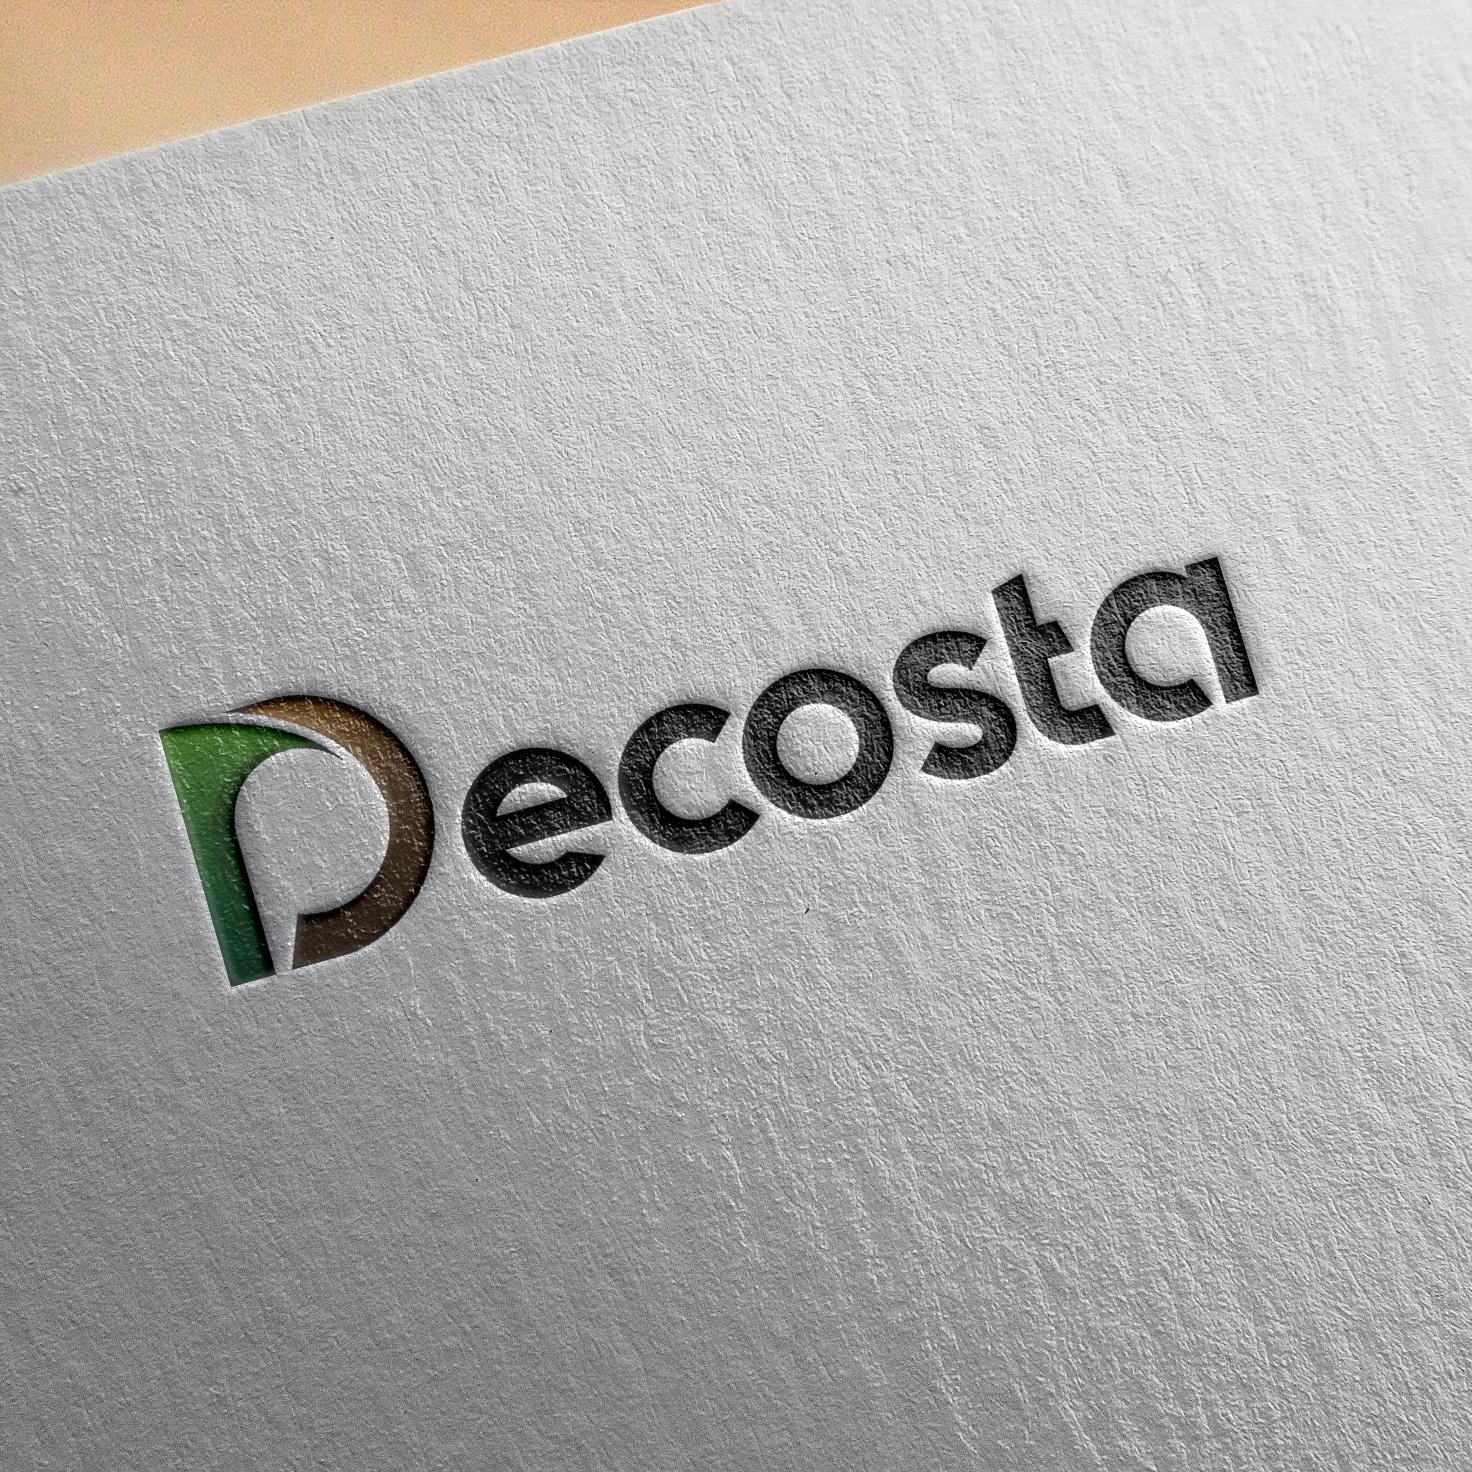 Логотип предприятия Decosta